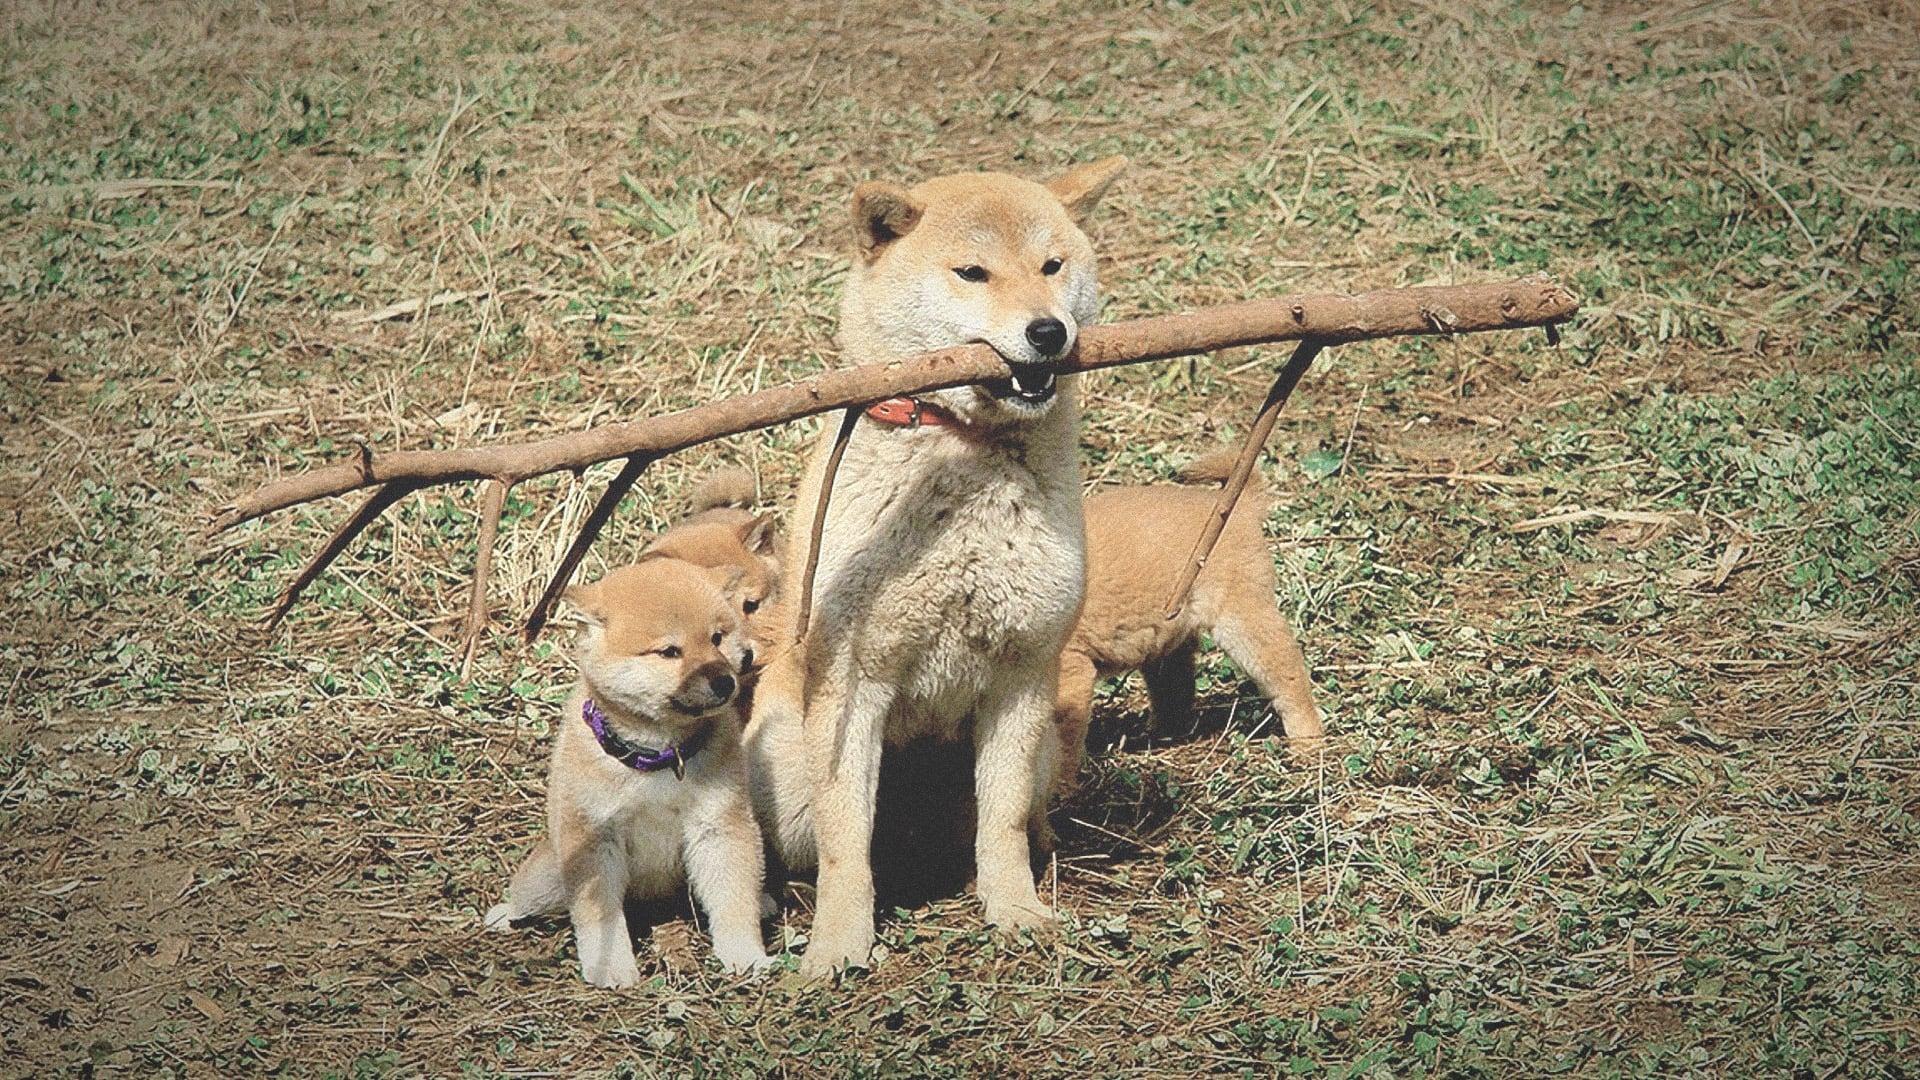 爱犬的奇迹 マリと子犬の物語 (2007) 中文字幕